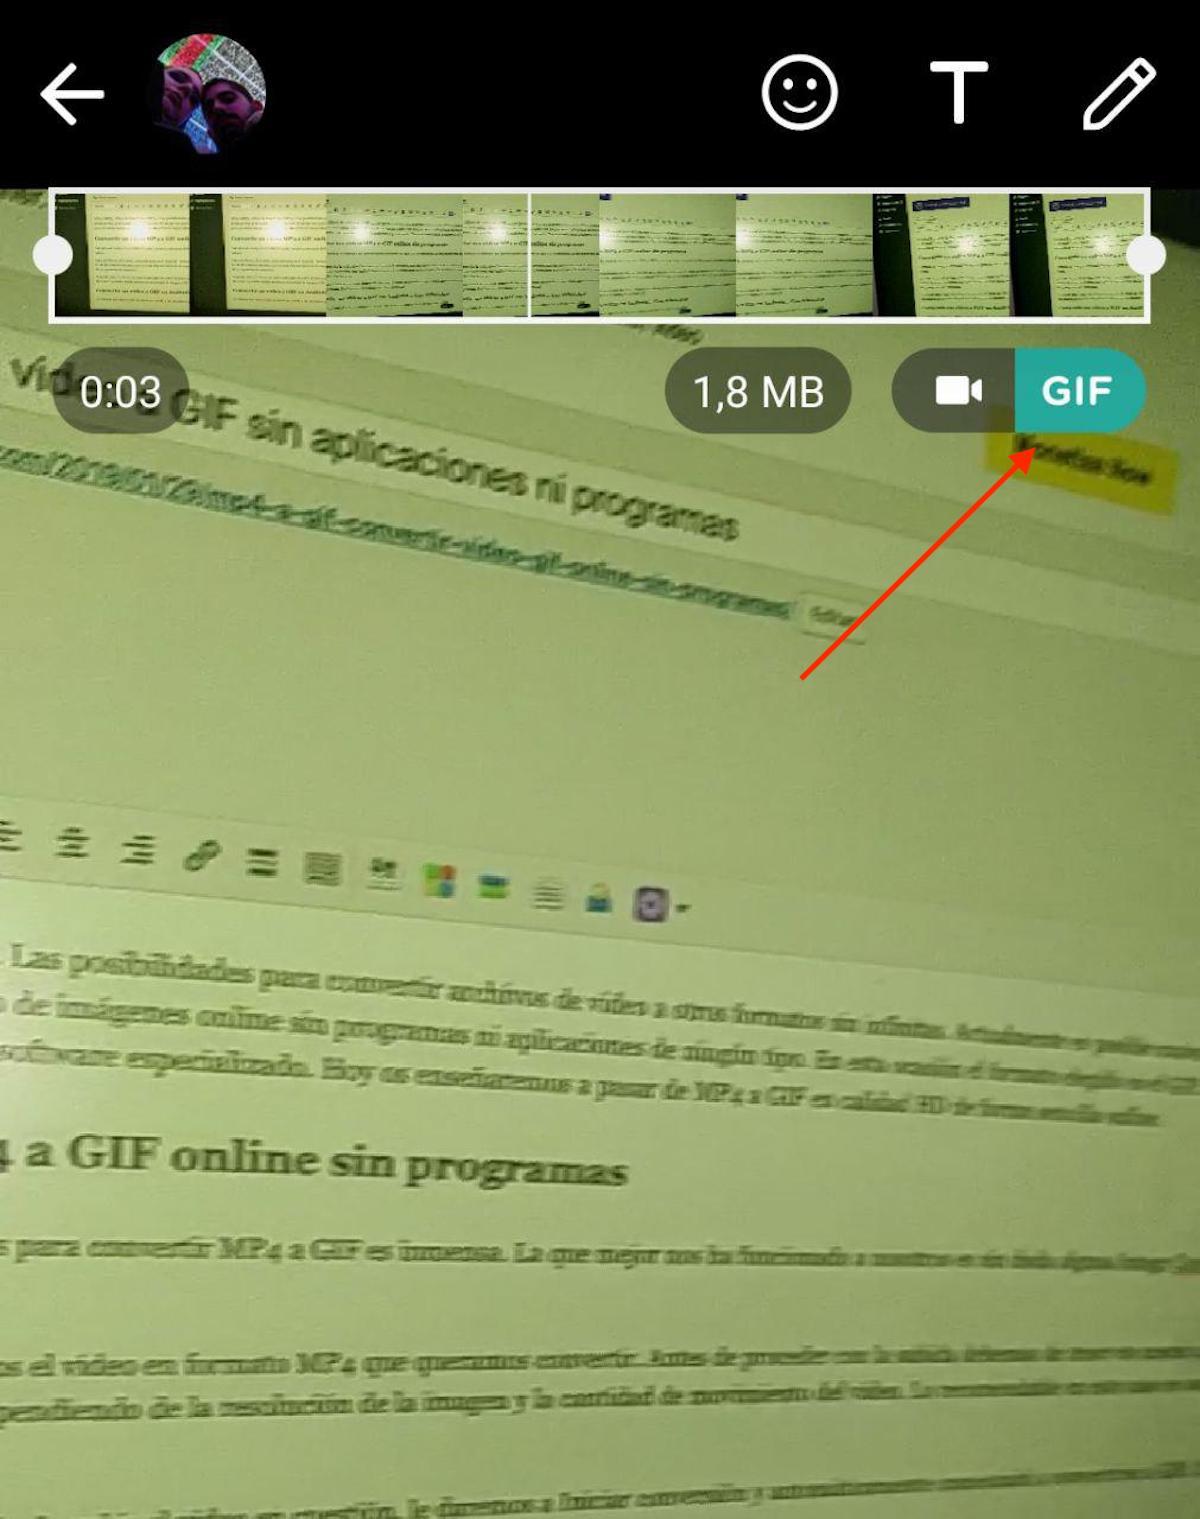 mp4 a gif whatsapp 2